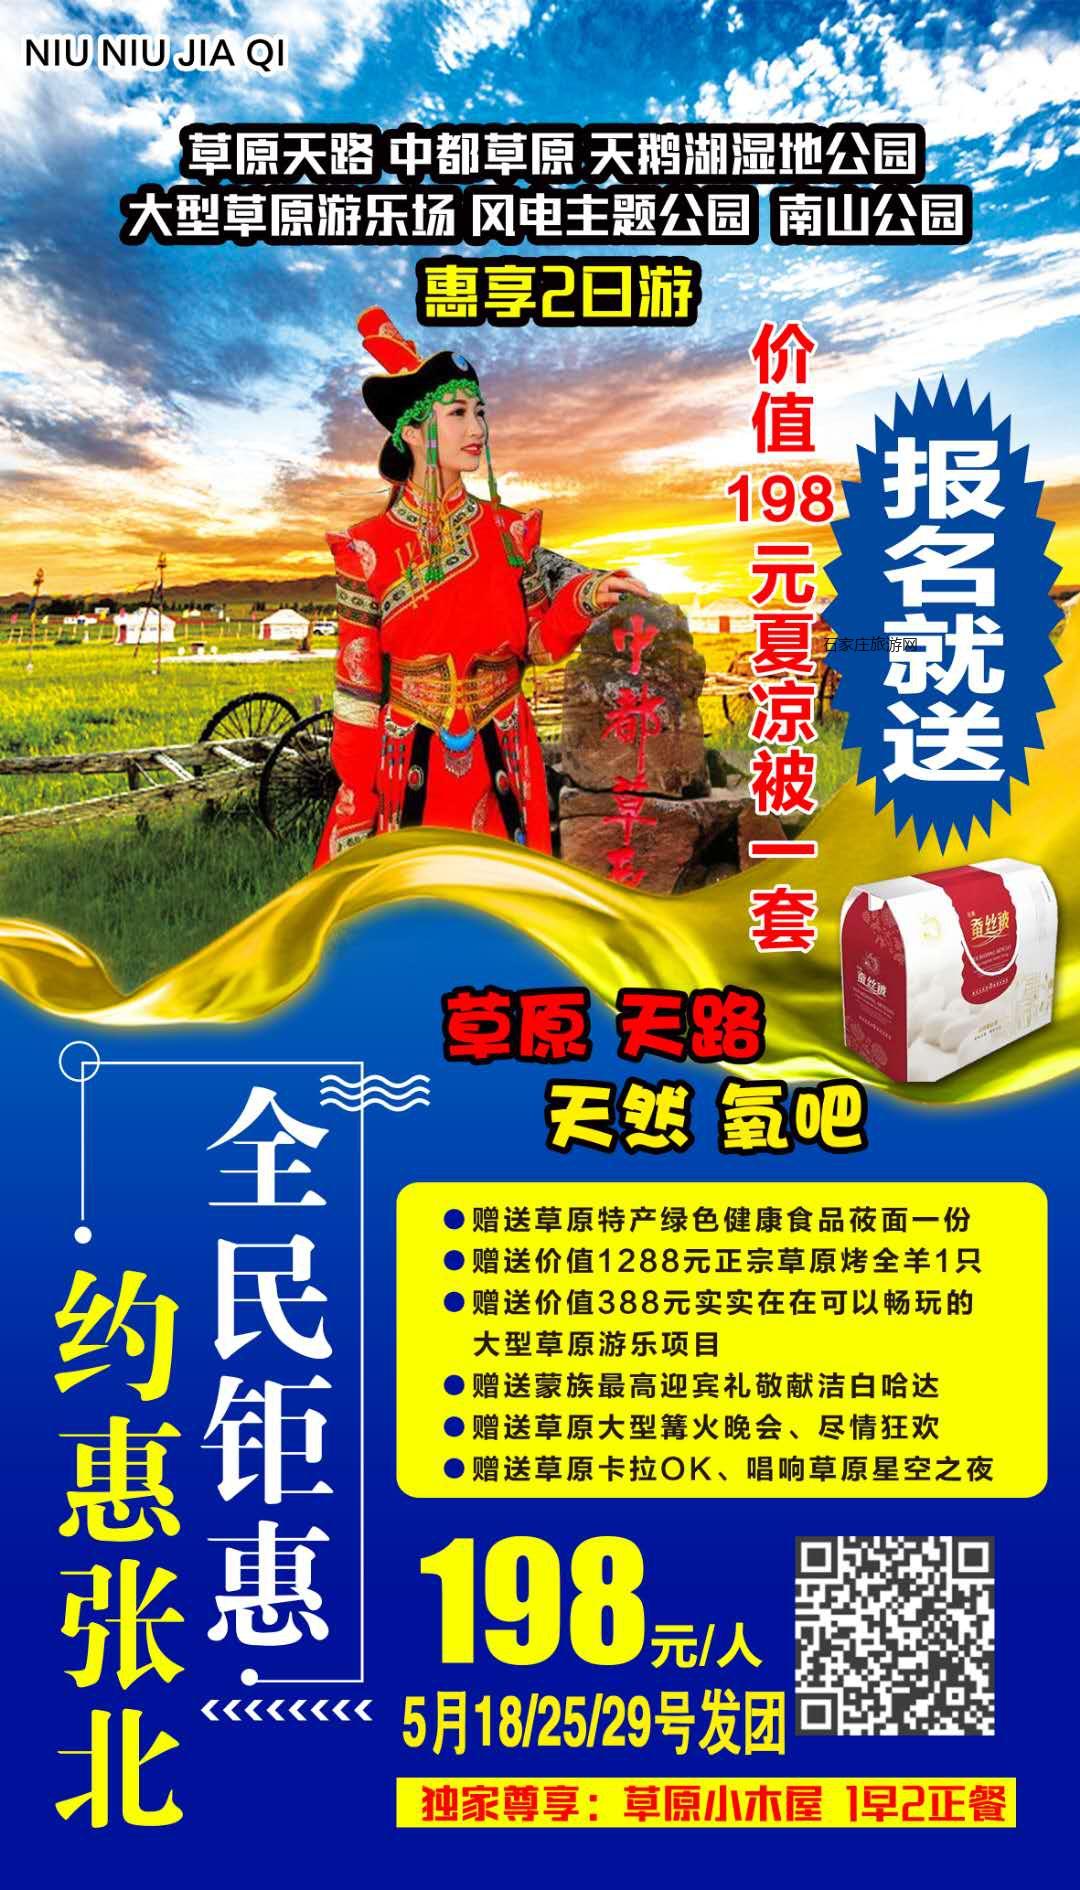 【火热报名】张北草原天路二日198元